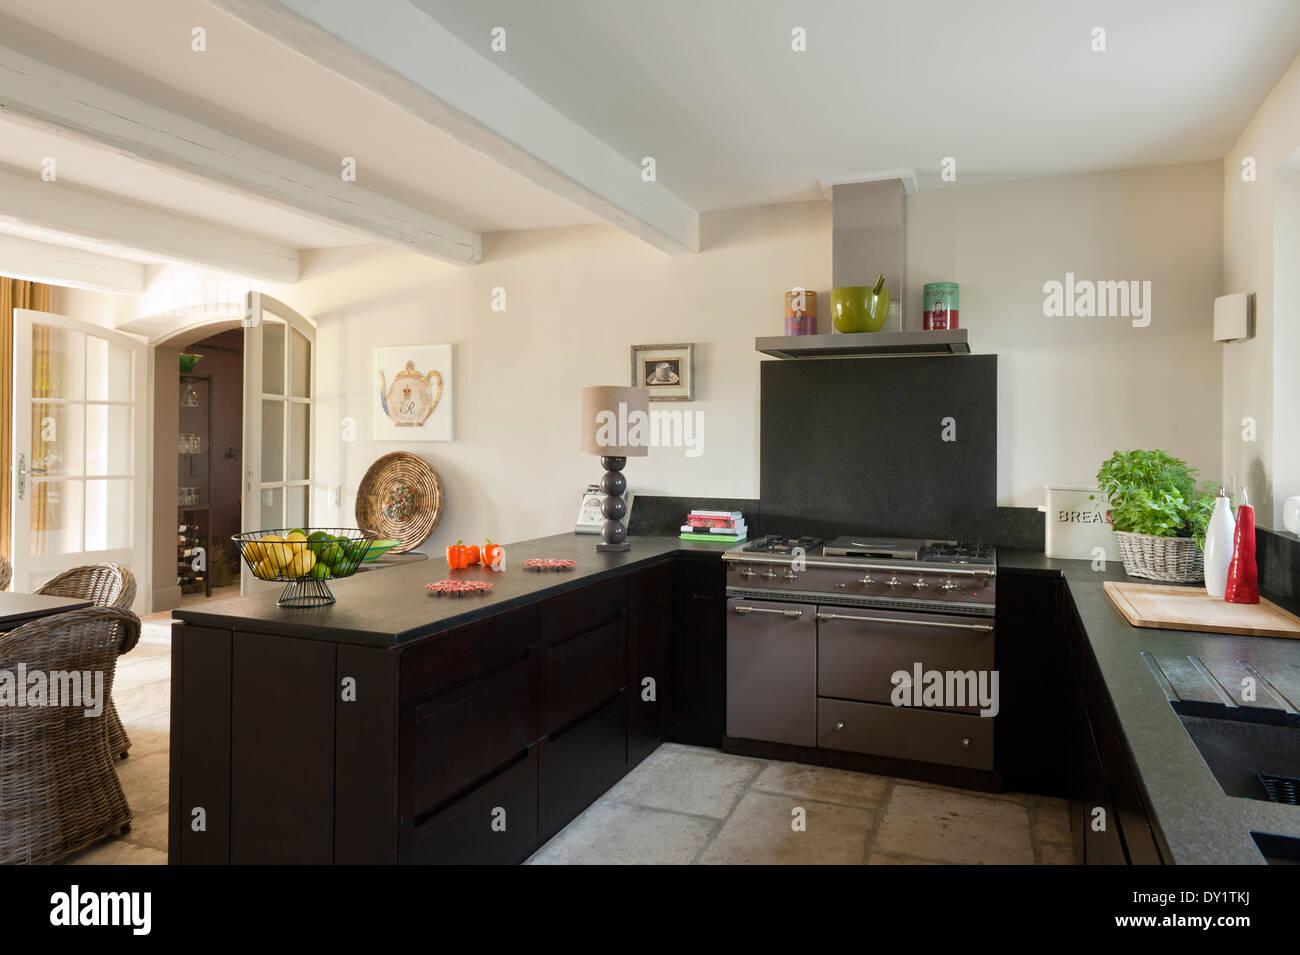 Painted Ceiling Beams Stockfotos & Painted Ceiling Beams Bilder - Alamy